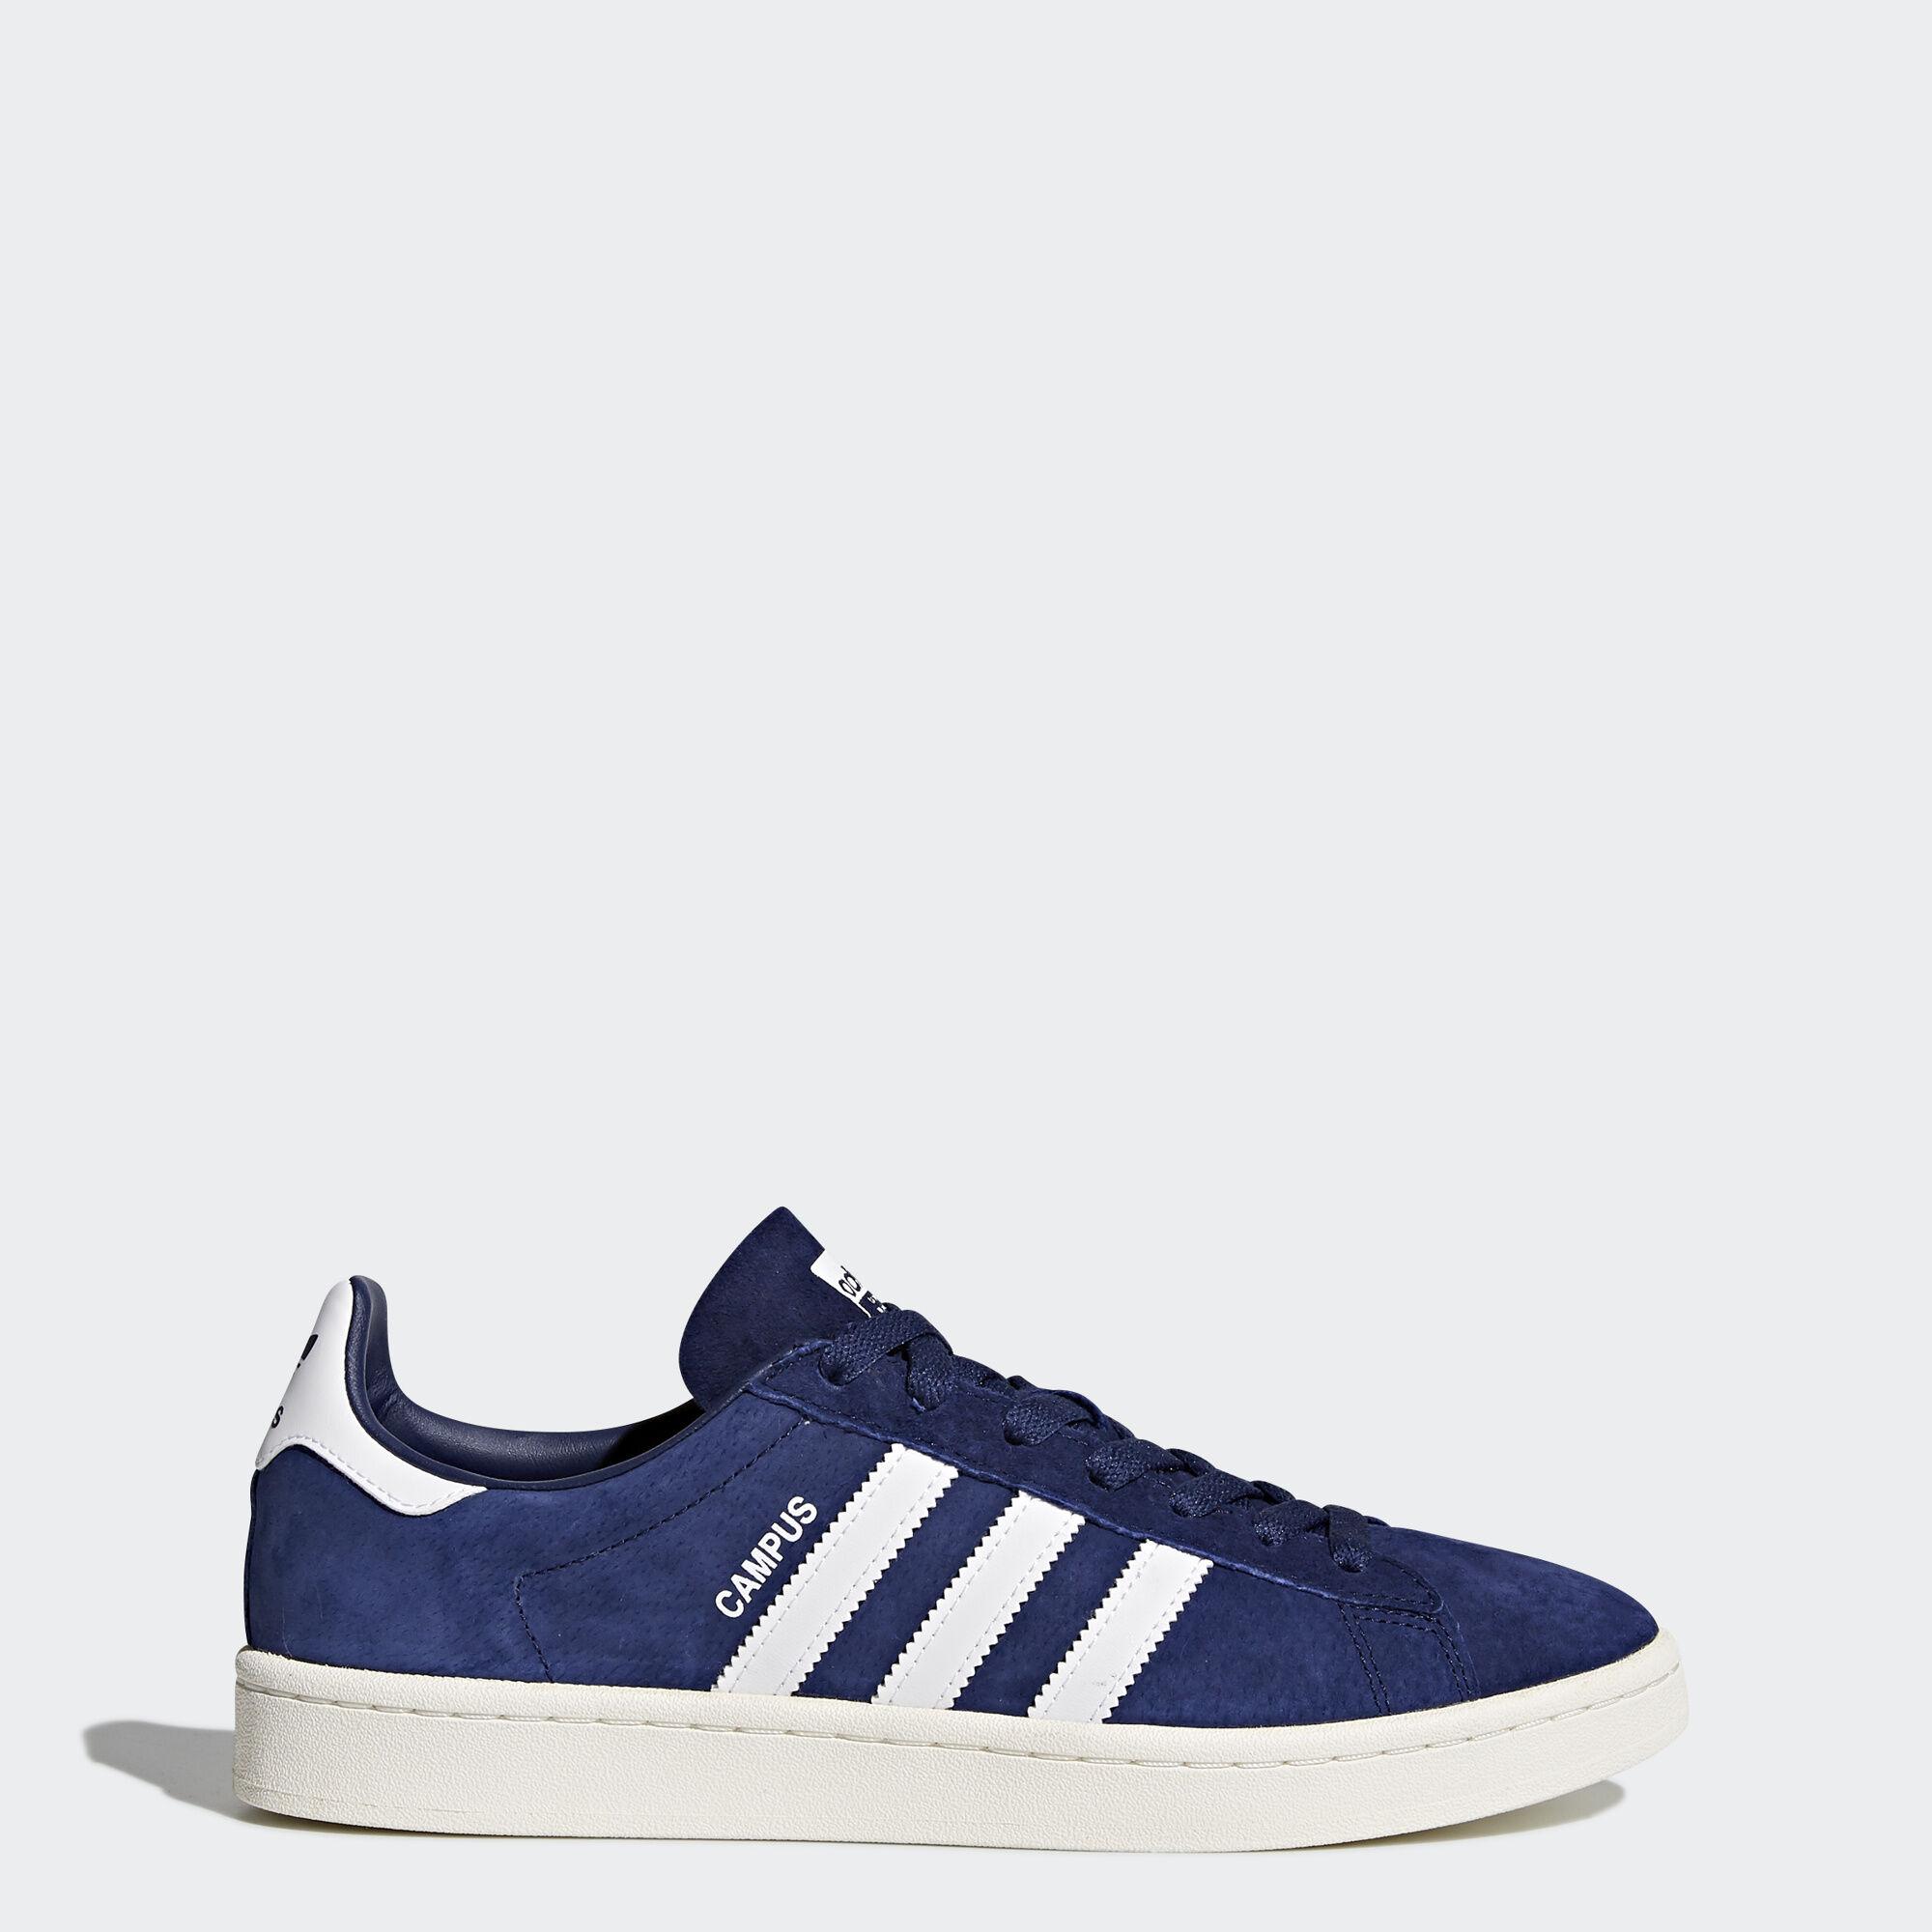 Zapatos azul marino casual Adidas Suede para hombre y3T0KDY